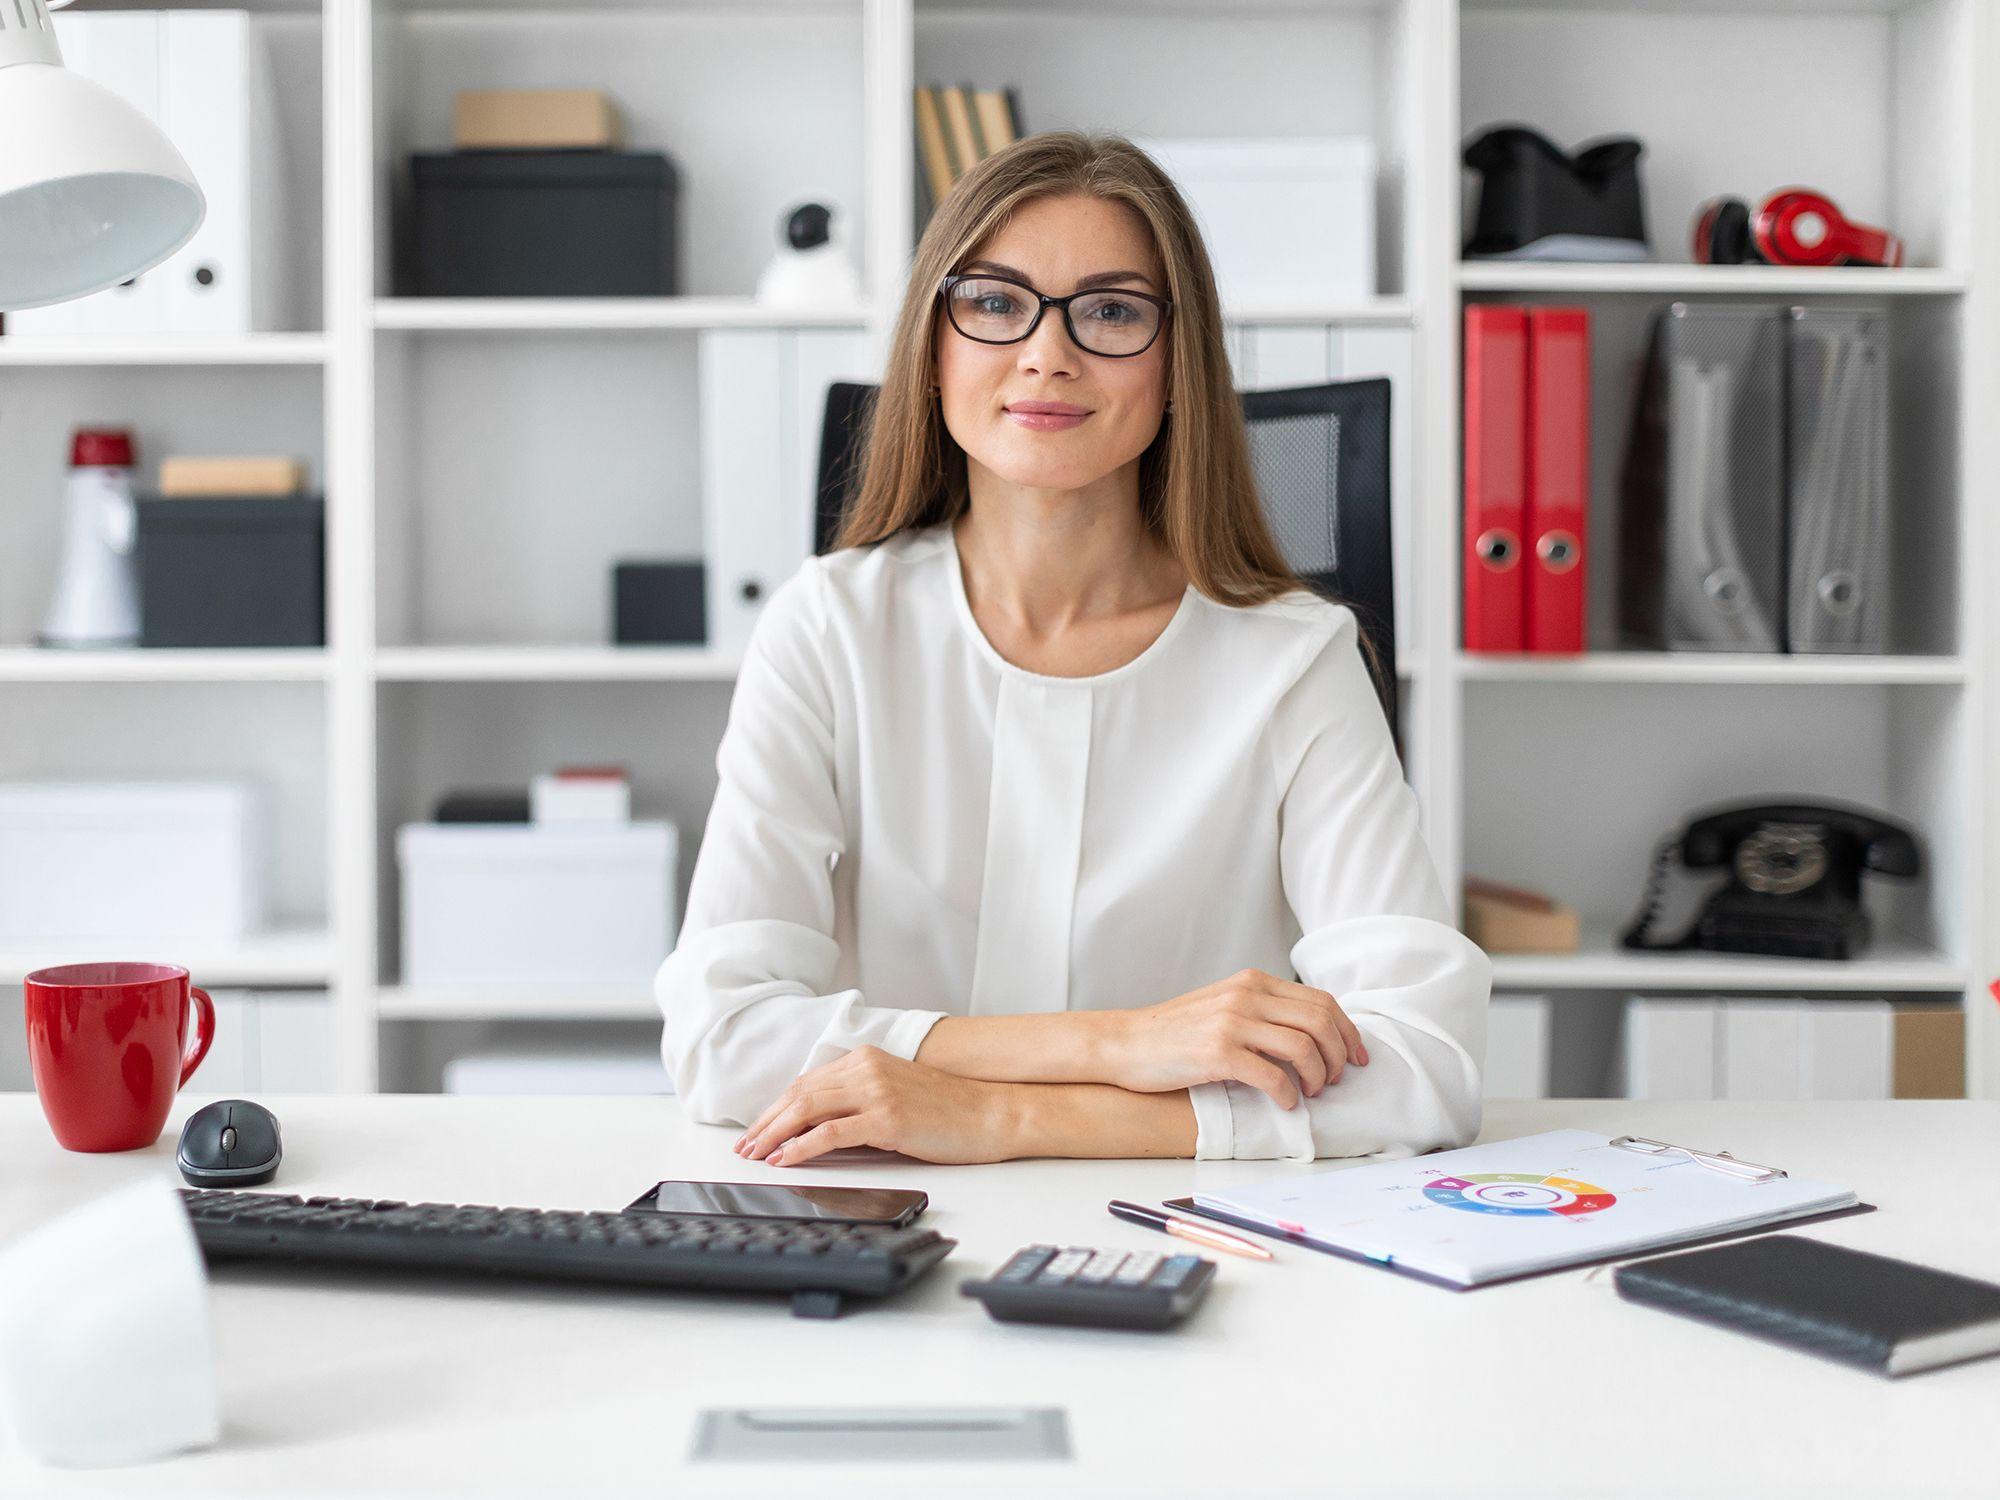 Level 4 - Sekretäre, Sekretärinnen, Schreibkraft, Schreibsekretär, Bürohilfskraft, Bürofachkraft, Empfangssekretär, Empfangssekretärin, Bürosekretär, Bürosekretärin, Bürokraft, Leiharbeiter, Zeitarbeiter, Leiharbeitnehmer, Leihkraft, Temporärarbeiter für Büros, Büroarbeit, Büroaufgaben, Bürotätigkeiten, Büroorganisation, Sekretariat, Urlaubsvertretung und Rekrutierung bei uns als Personalagentur, Zeitarbeitsfirma, Zeitarbeitsunternehmen, Personal-Service-Agentur, Personaldienstleistungsagentur und Leiharbeitsfirma per Arbeitnehmer-Leasing, Arbeitnehmerüberlassung, Arbeitskräfte-Leasing, Arbeitskräfteüberlassung, Arbeitskraftüberlassung, Leiharbeit, Mitarbeiter-Leasing, Mitarbeiterleasing, Mitarbeiterüberlassung, Personaldienstleistung, Personalleasing, Personalüberlassung, Temporärarbeit, Zeitarbeit buchen, mieten, leihen oder langfristig neue Mitarbeiter für Jobs wie Büro Jobs, Schülerjobs, Ferienjobs, Aushilfsjobs, Studentenjobs, Werkstudentenjobs, Saisonjobs, Vollzeit Jobs, Teilzeit Jobs, Nebenjobs, Temporär Jobs, Gelegenheitsjobs per Personalvermittlung suchen, finden und vermittelt bekommen.